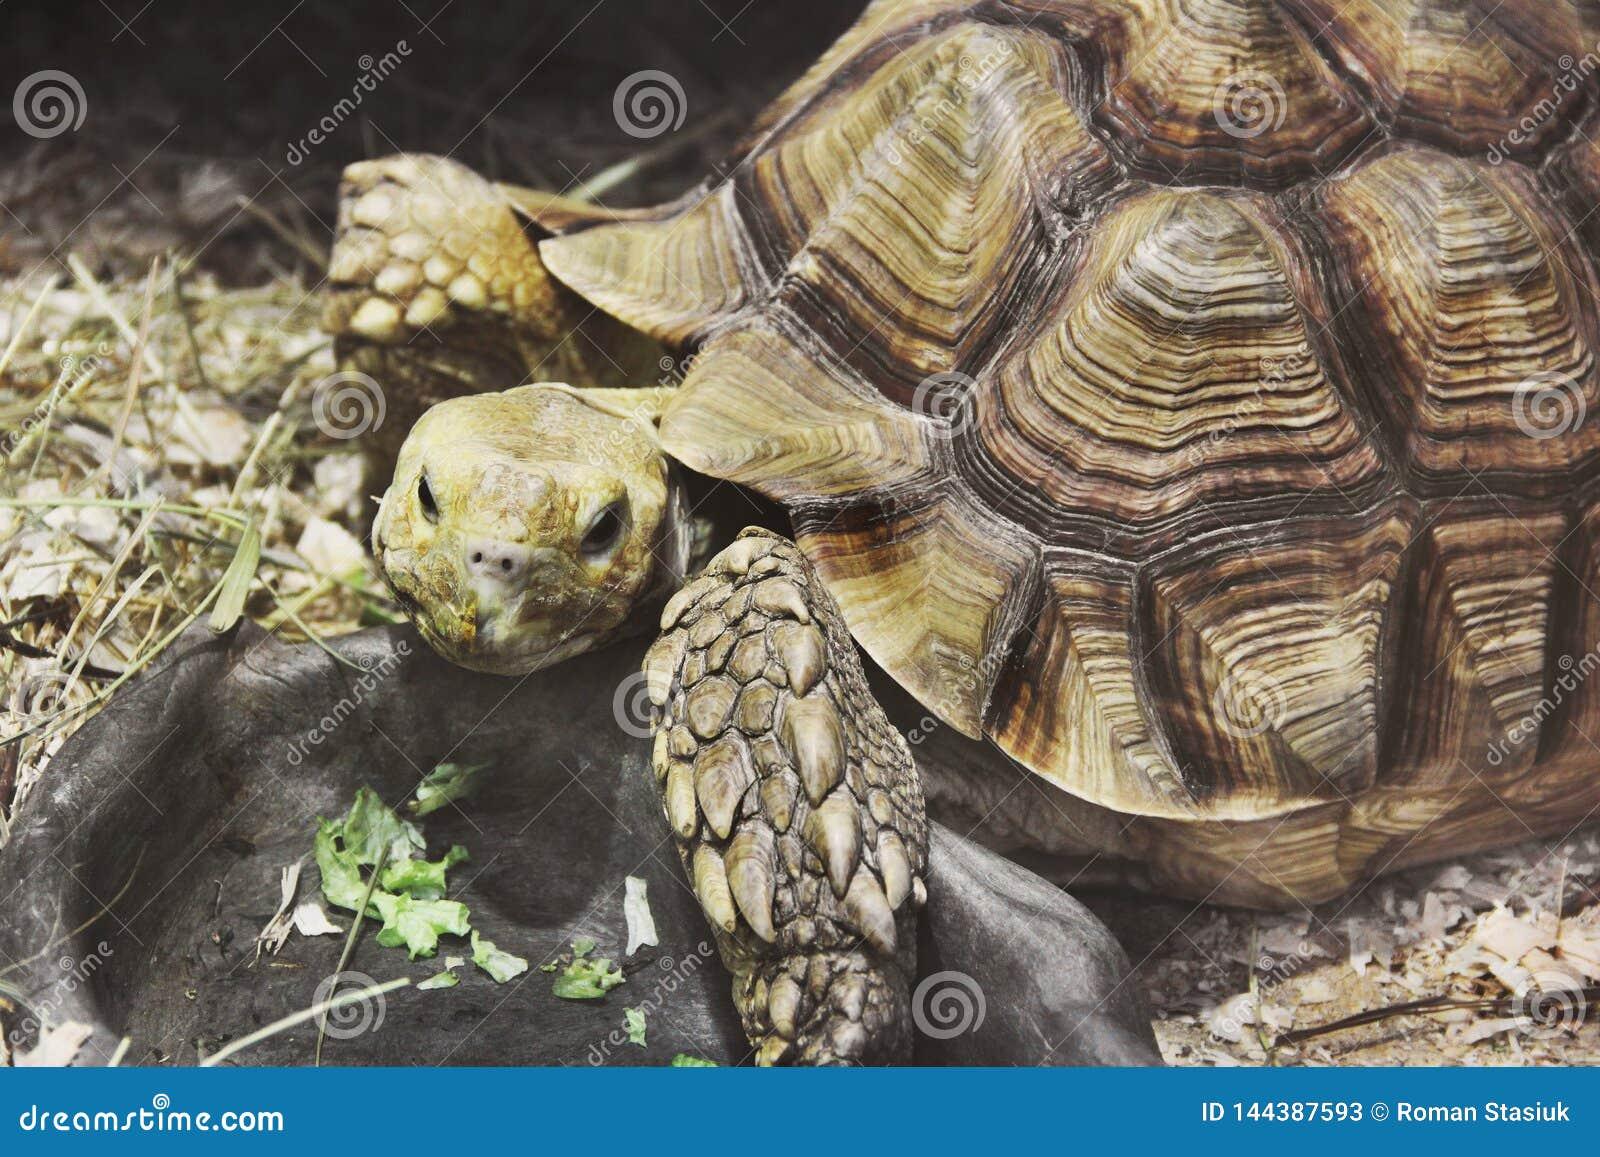 Big turtle in aquarium